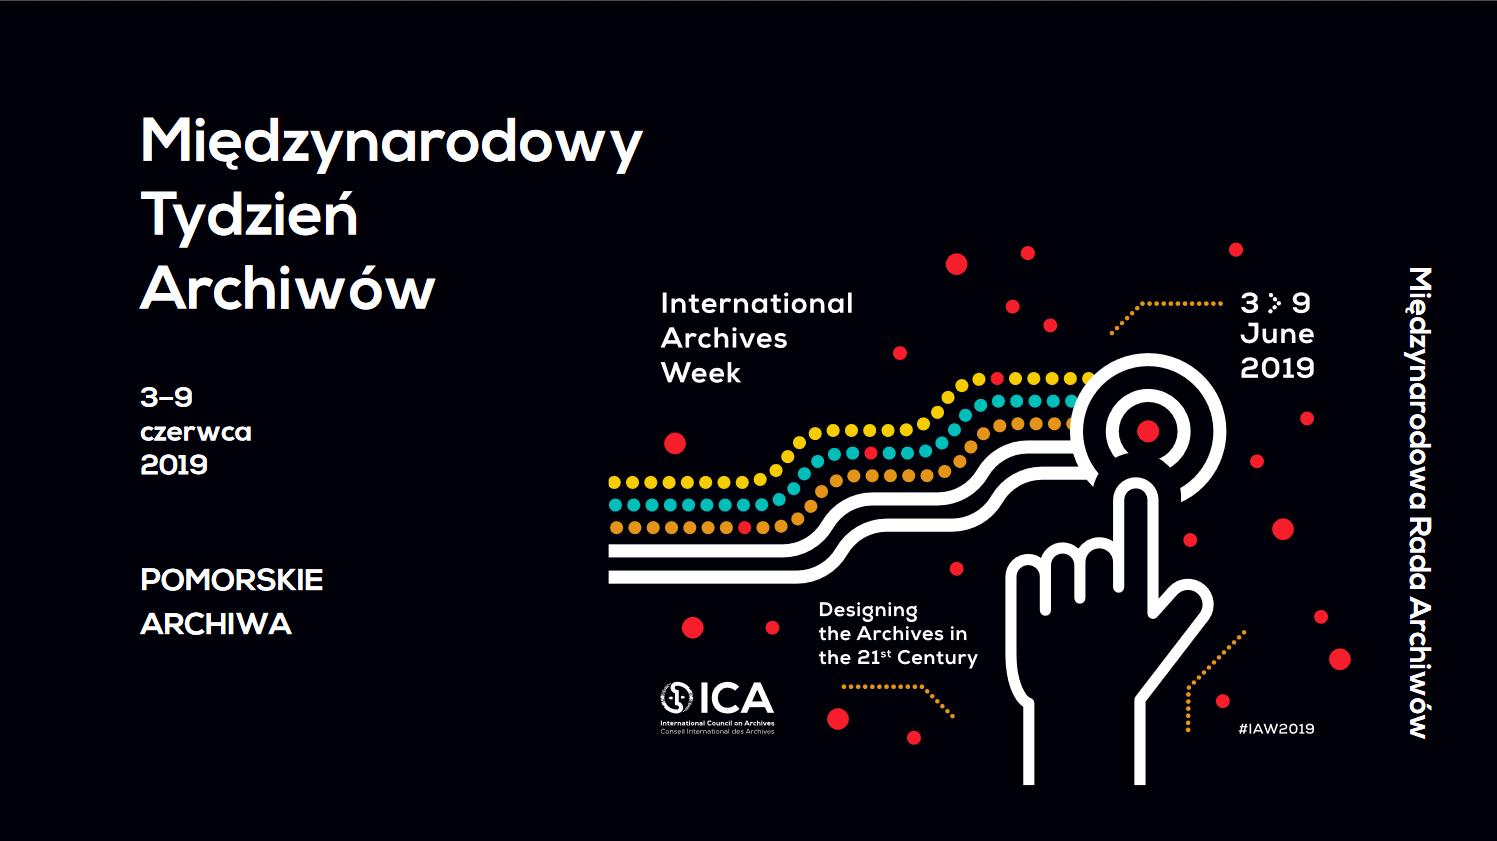 plakat Miedzynarodowy Tydzien Archiwow 2019